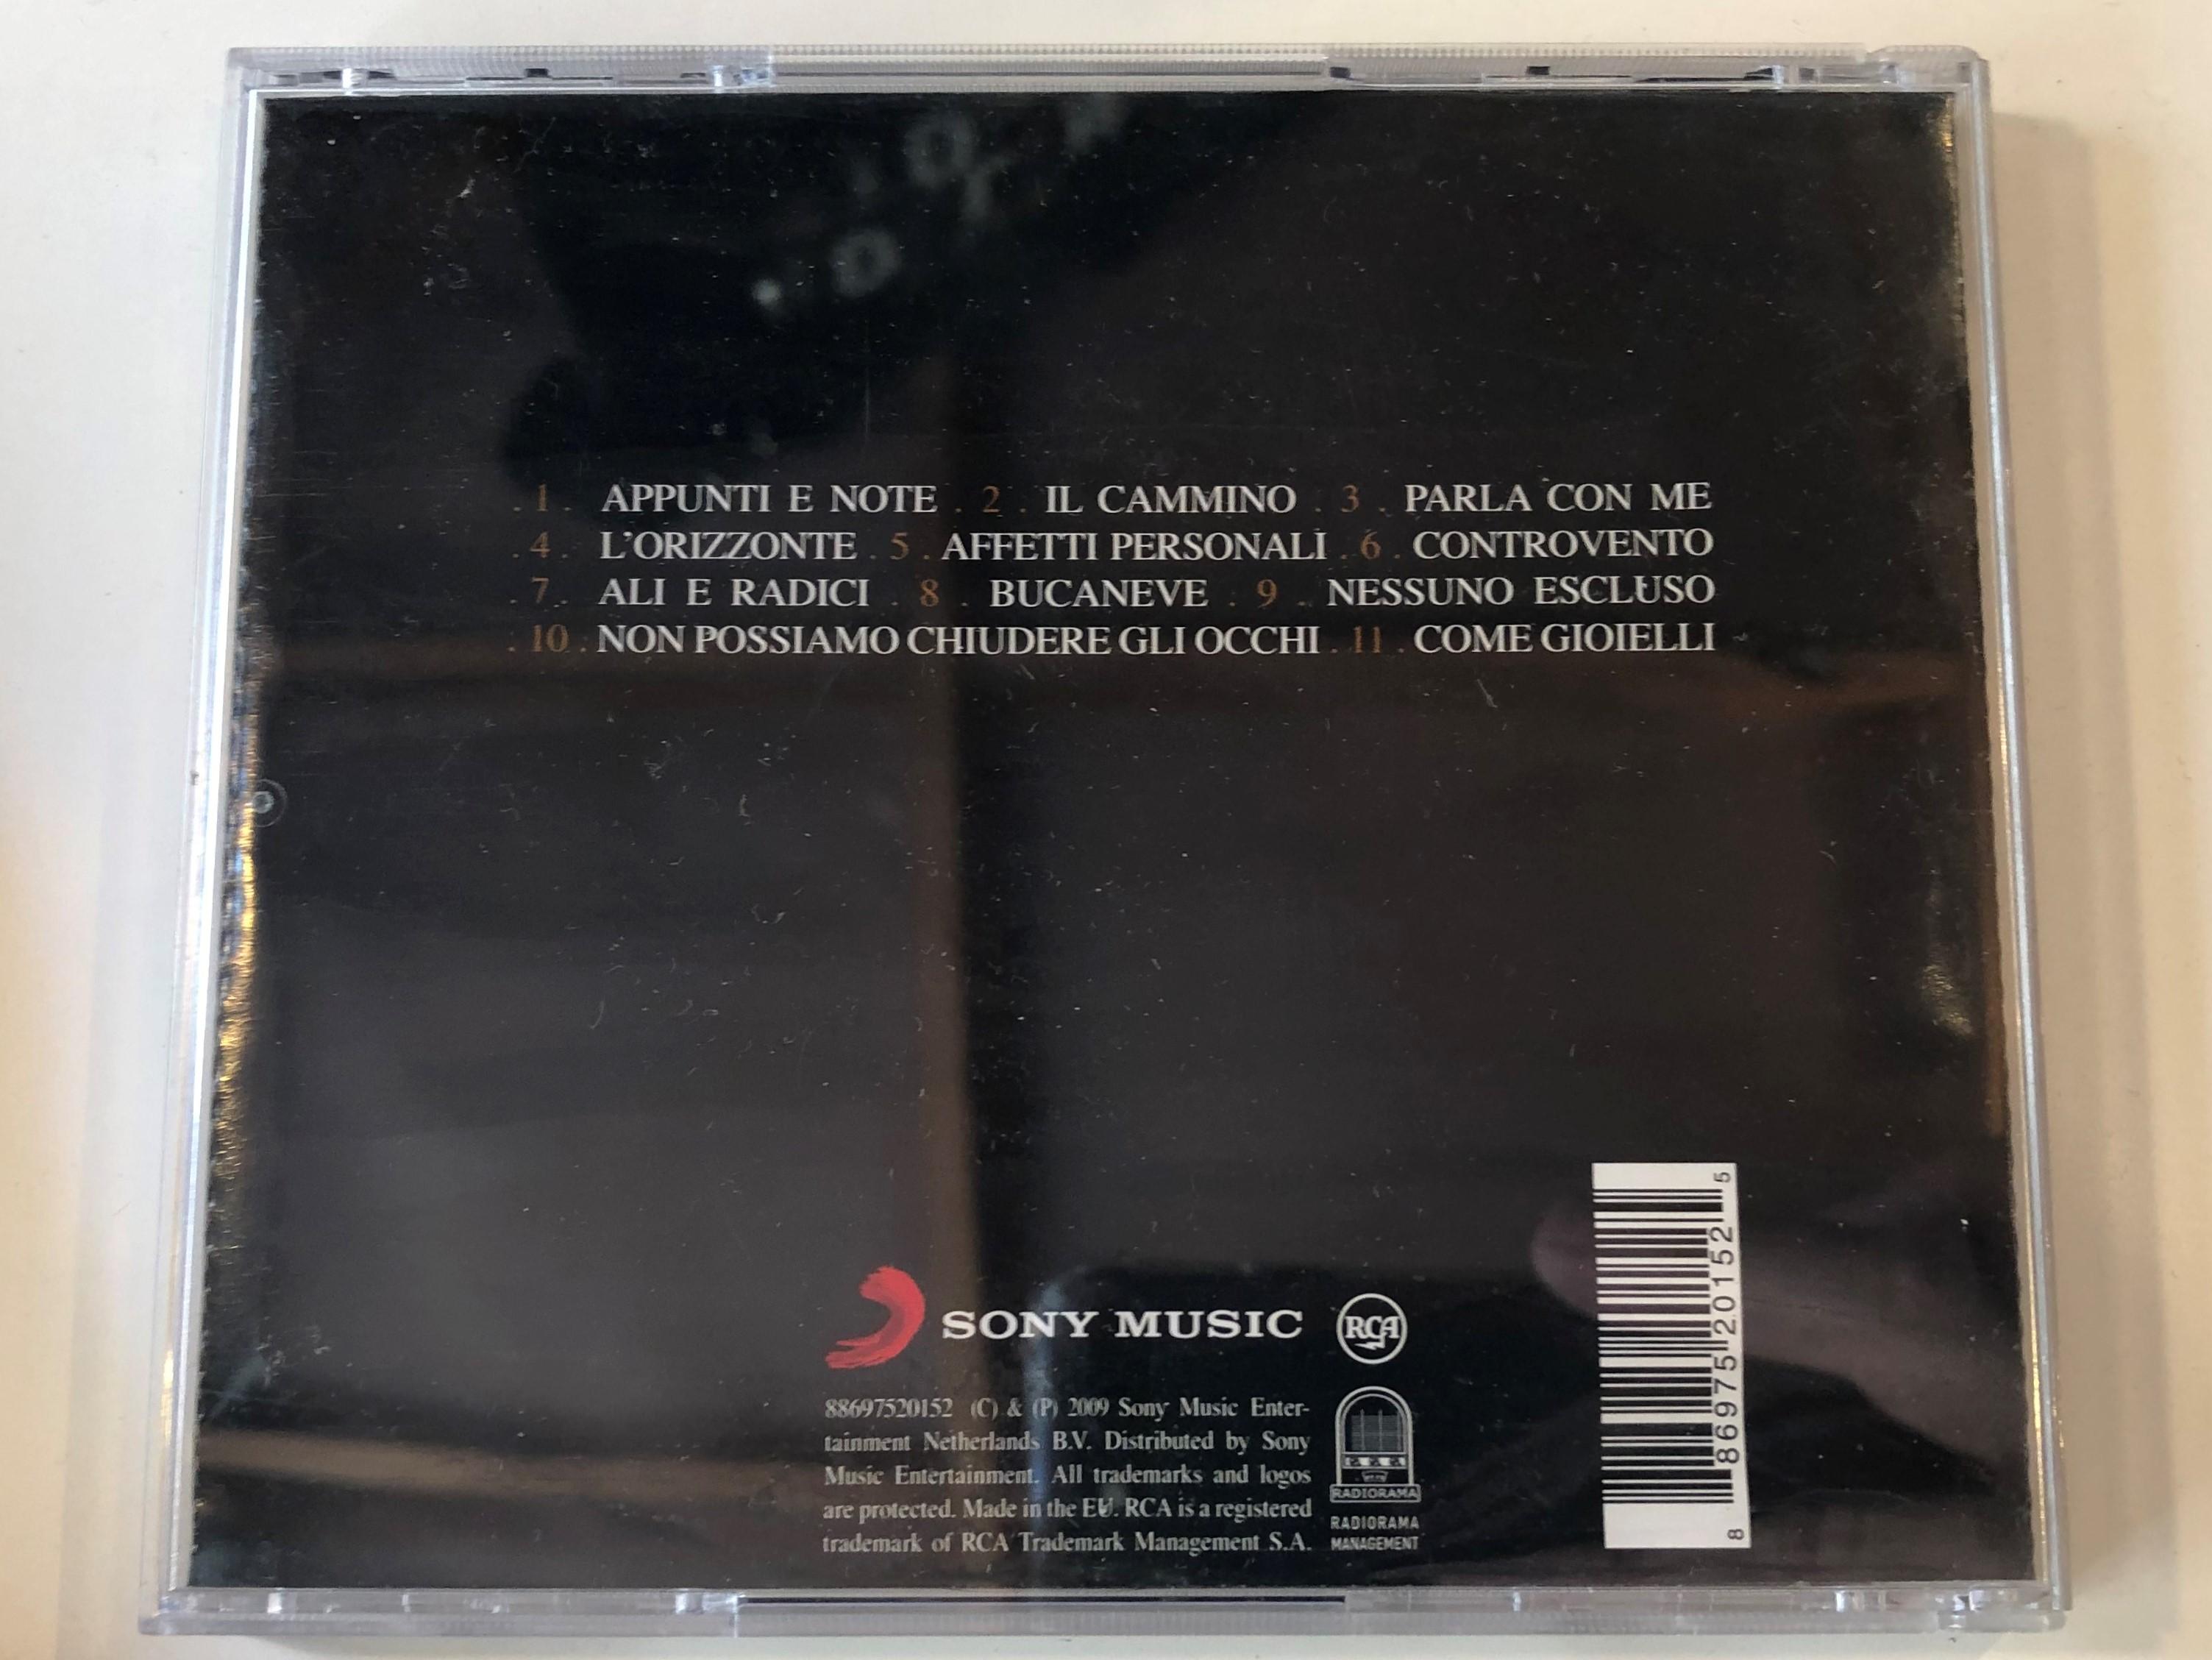 eros-ramazzotti-ali-e-radici-the-new-album-11-new-songs-includes-parla-con-me-sony-music-audio-cd-2009-88697520152-2-.jpg